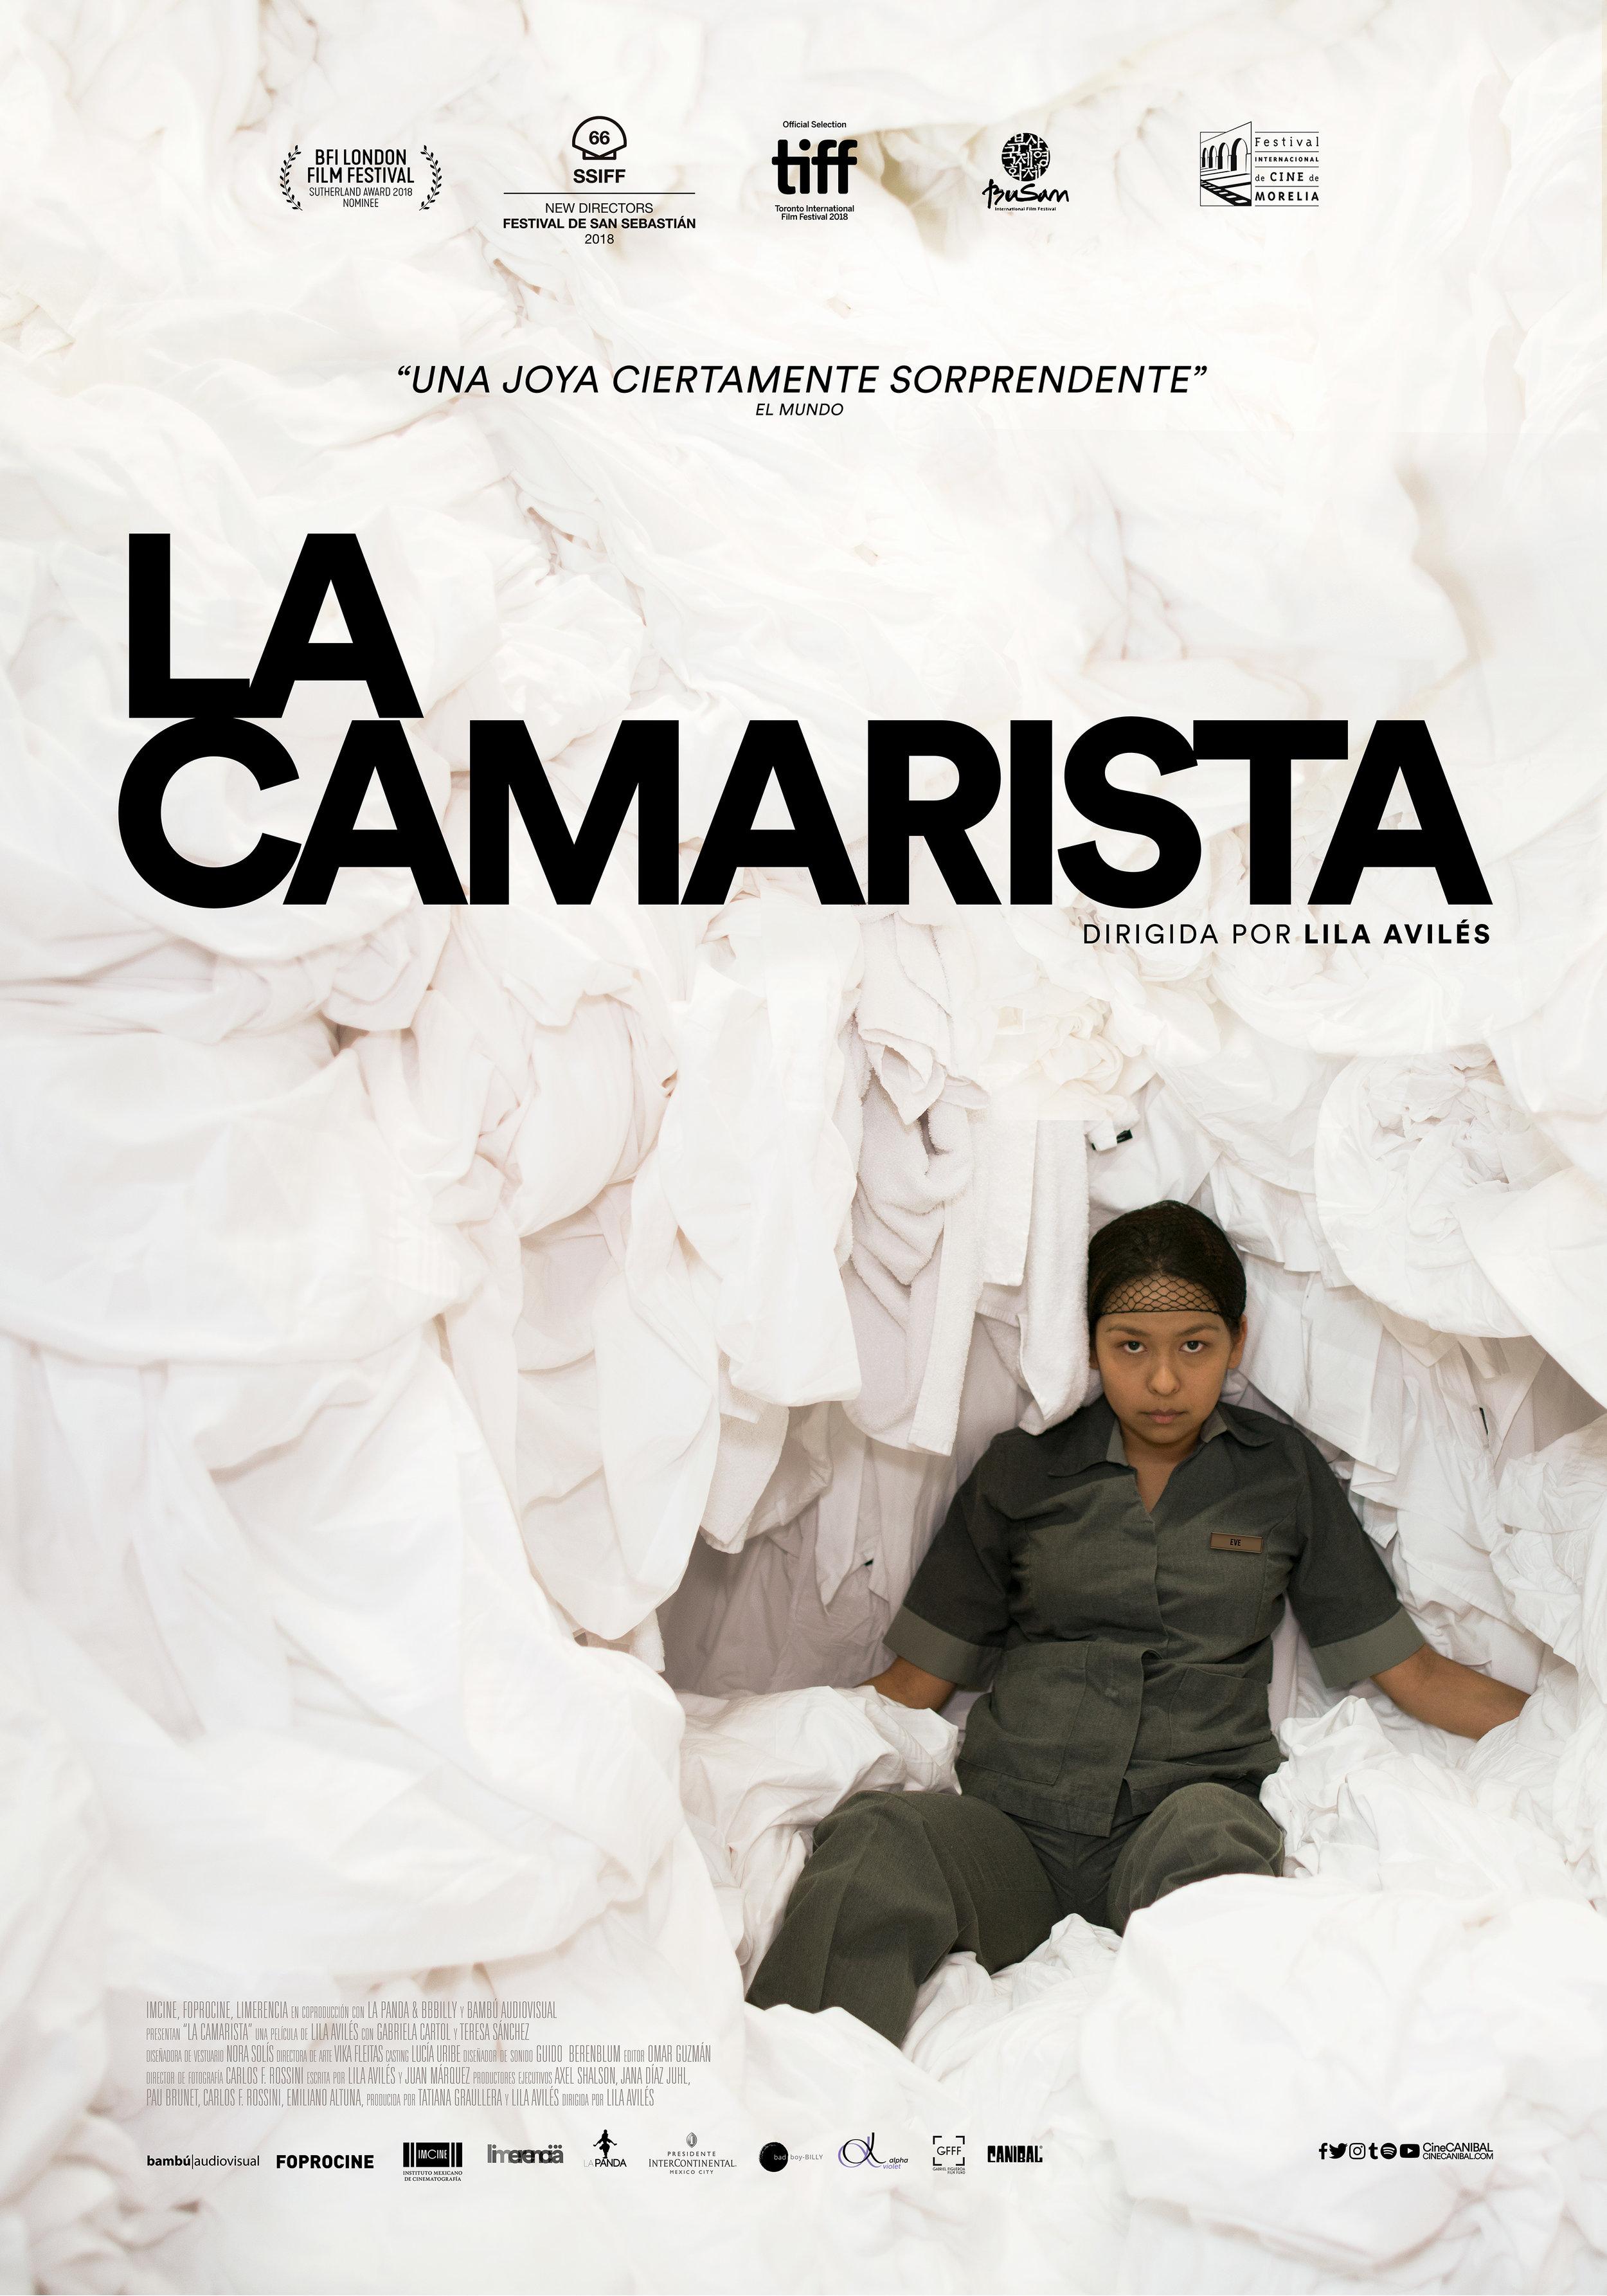 CAMARISTA-POSTER-V.2.jpg